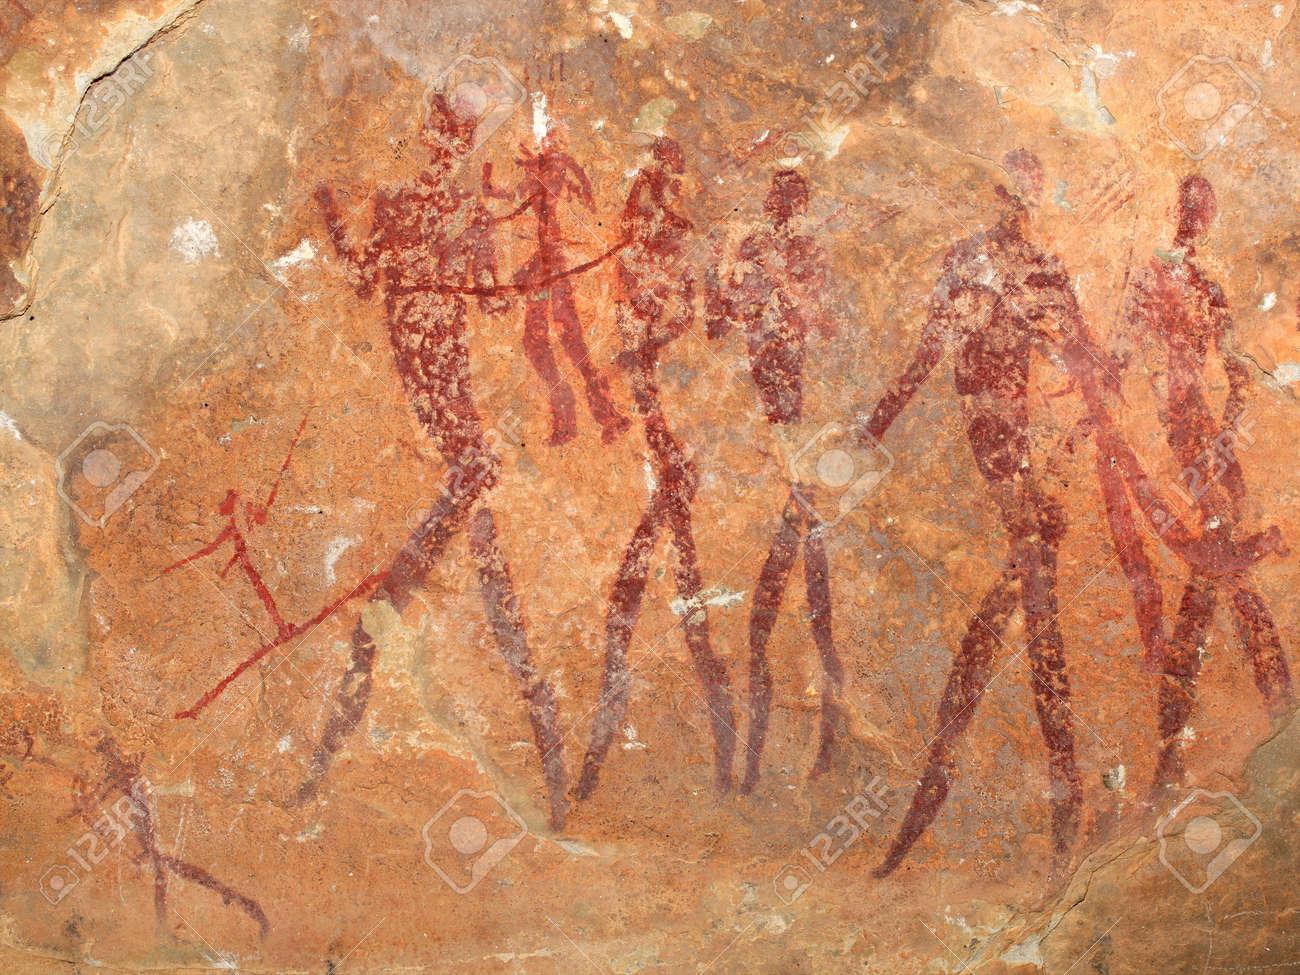 Bushmen (san) rock painting depicting human figures, South Africa - 13885573